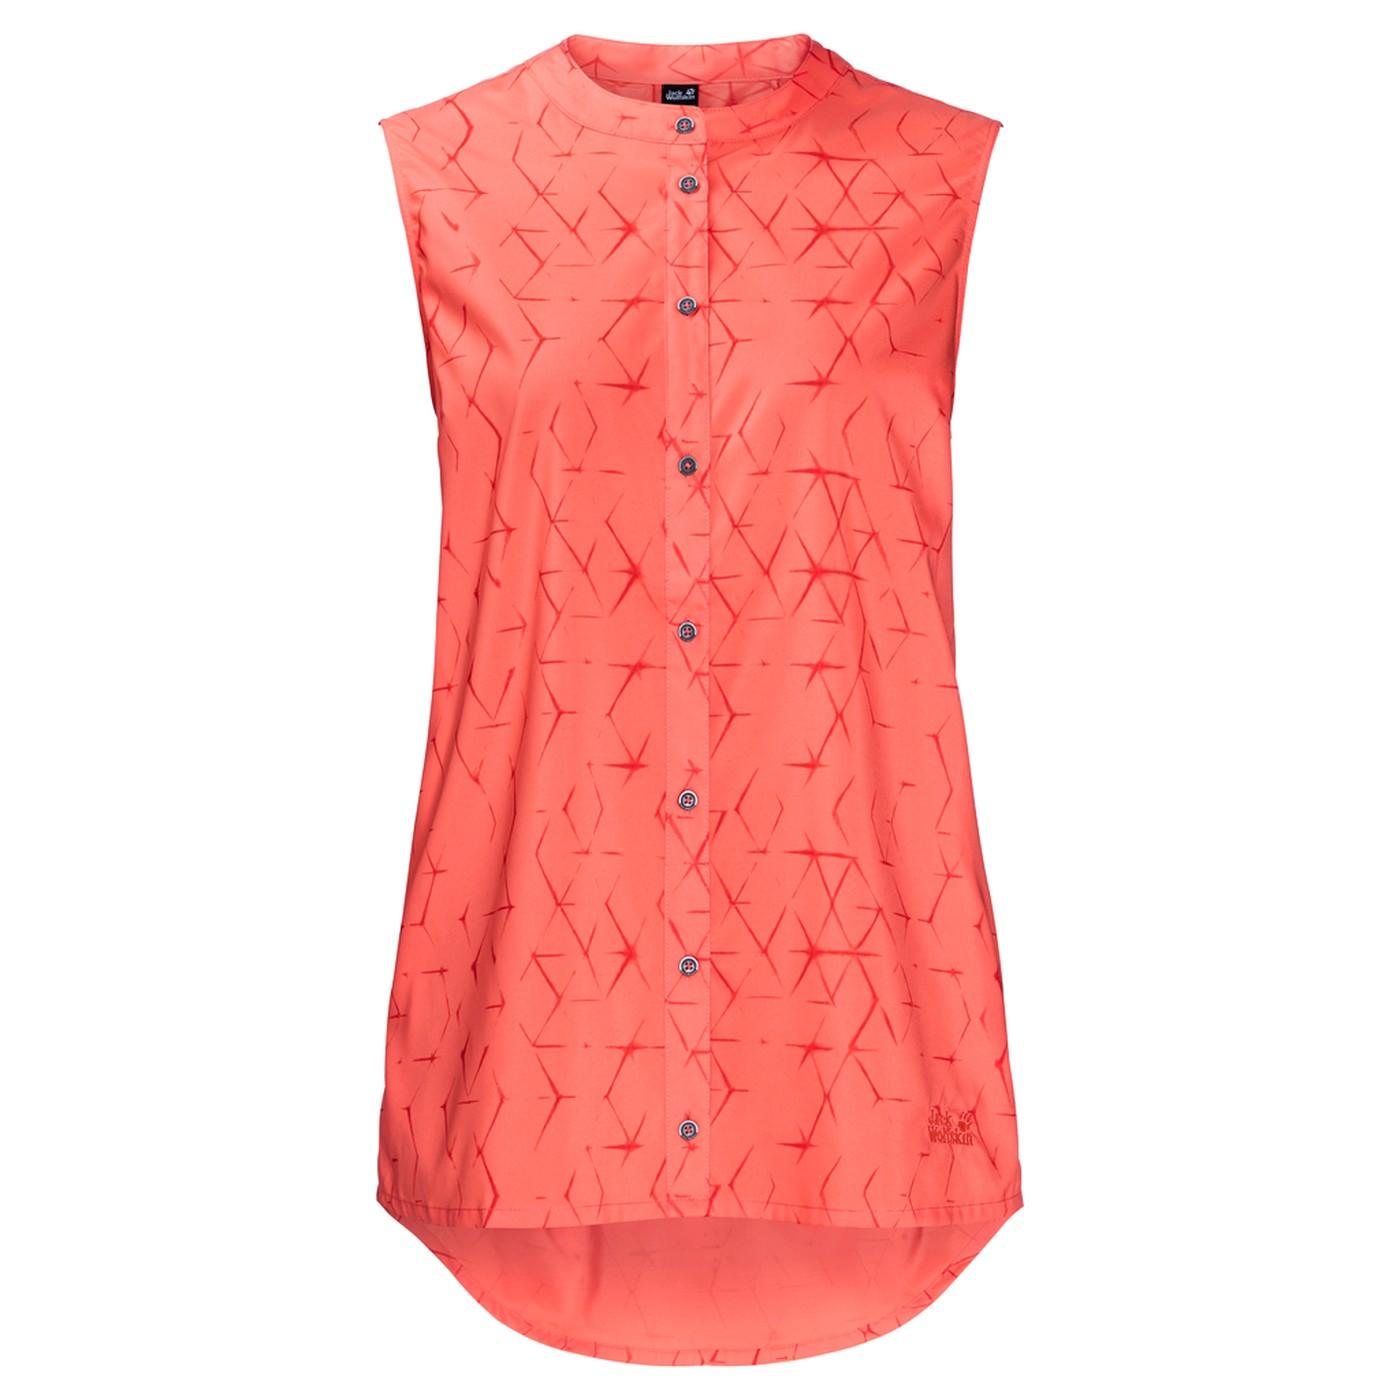 Hemden JACK WOLFSKIN Bluse Sonora Shibori Orange Bekleidung